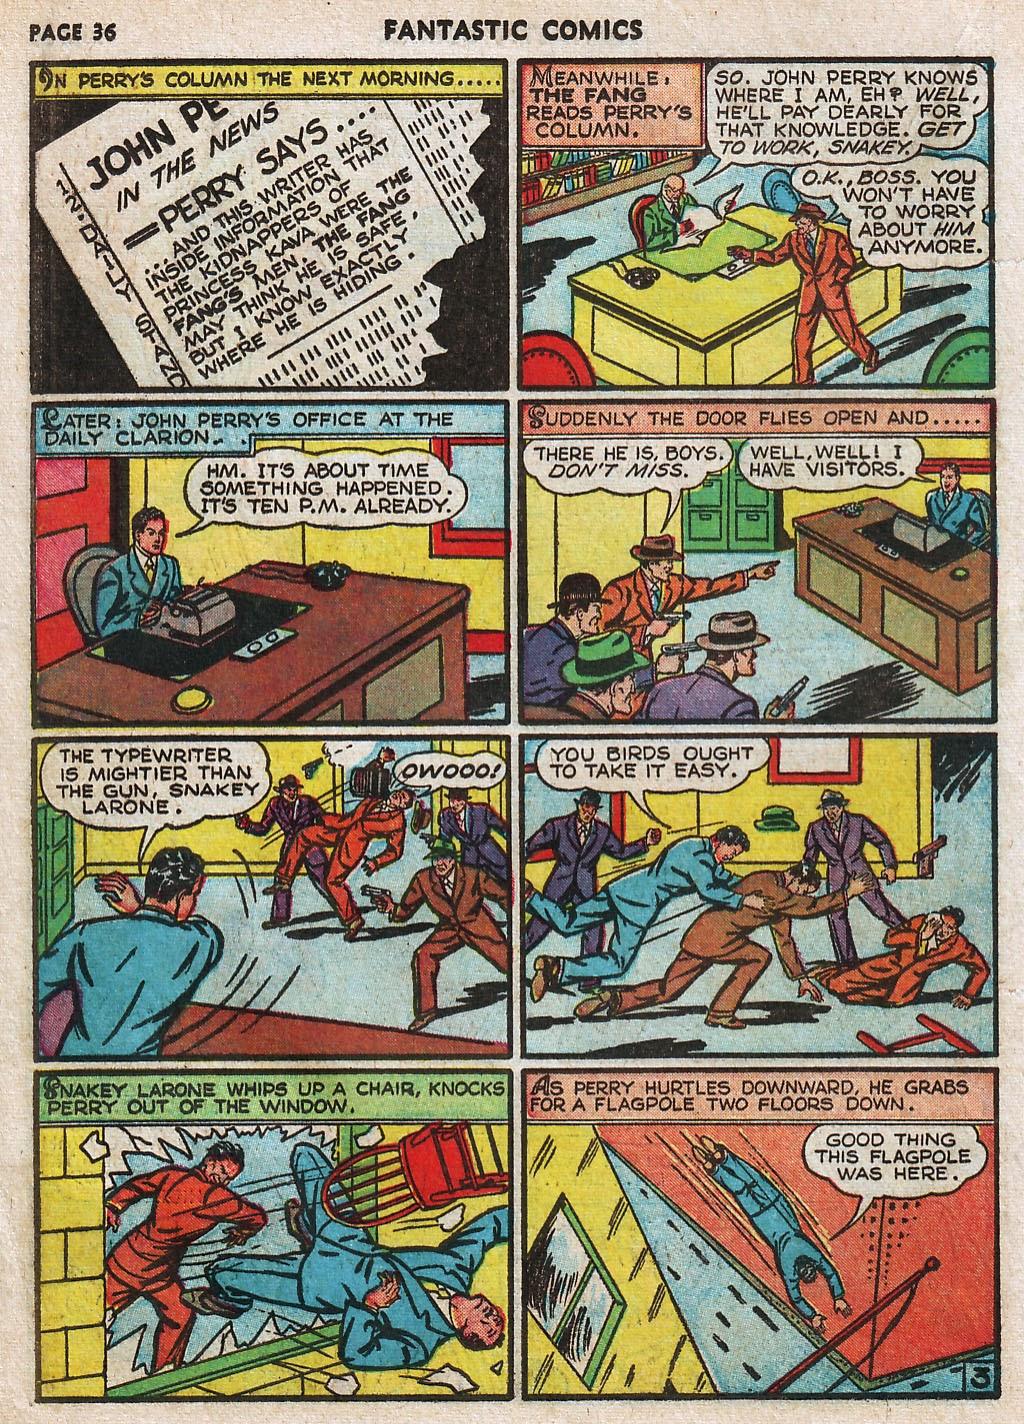 Read online Fantastic Comics comic -  Issue #17 - 37